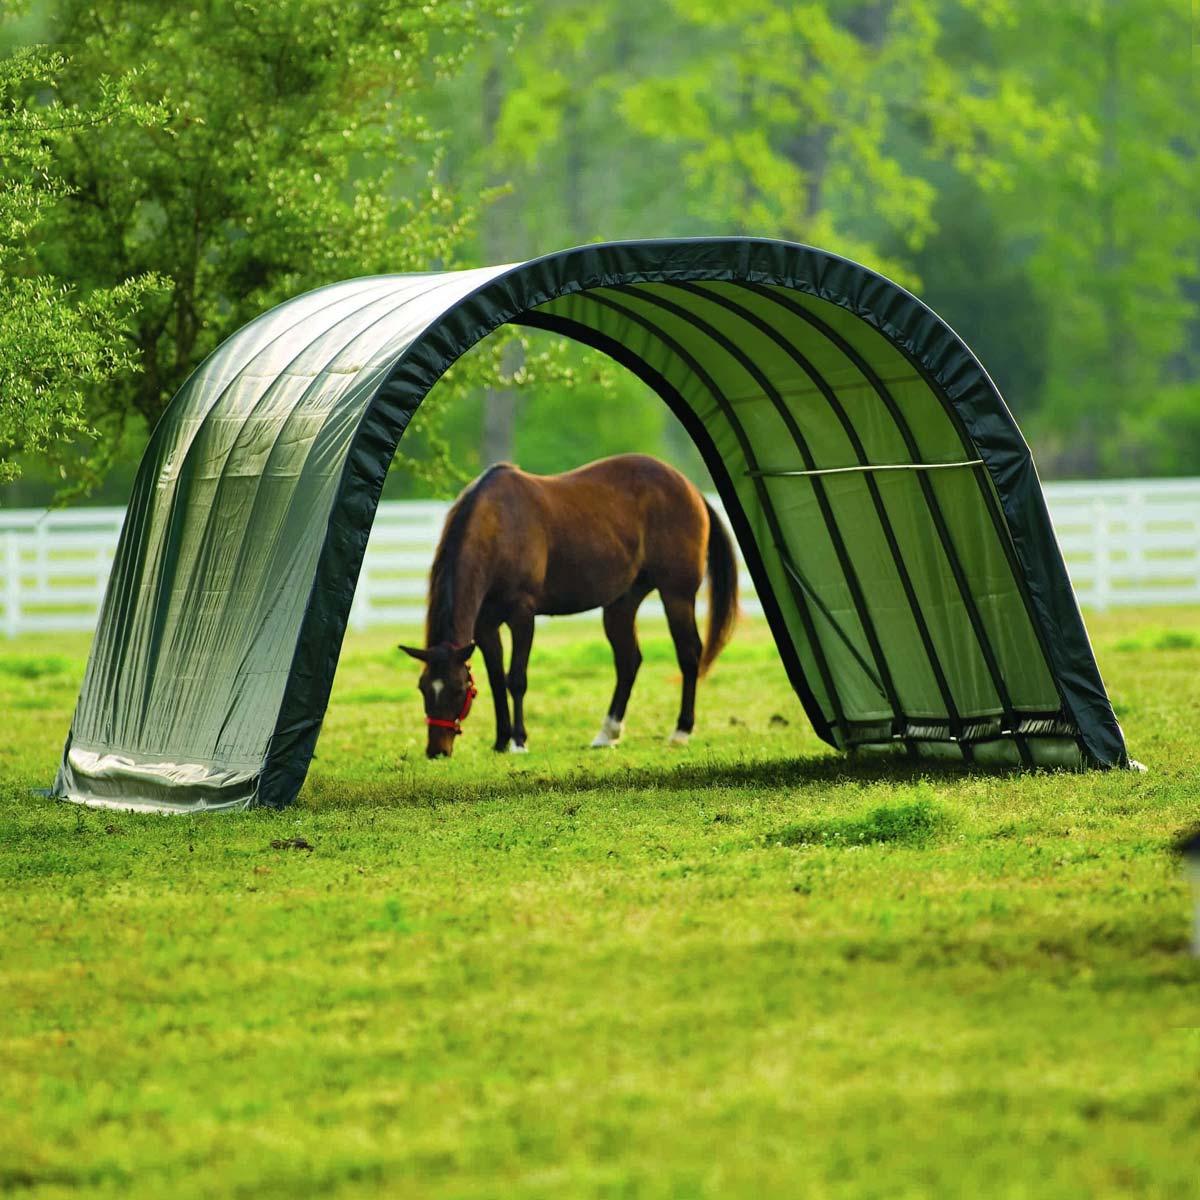 schuilplaats voor paarden en stro van 3 70 x 6 10 m. Black Bedroom Furniture Sets. Home Design Ideas